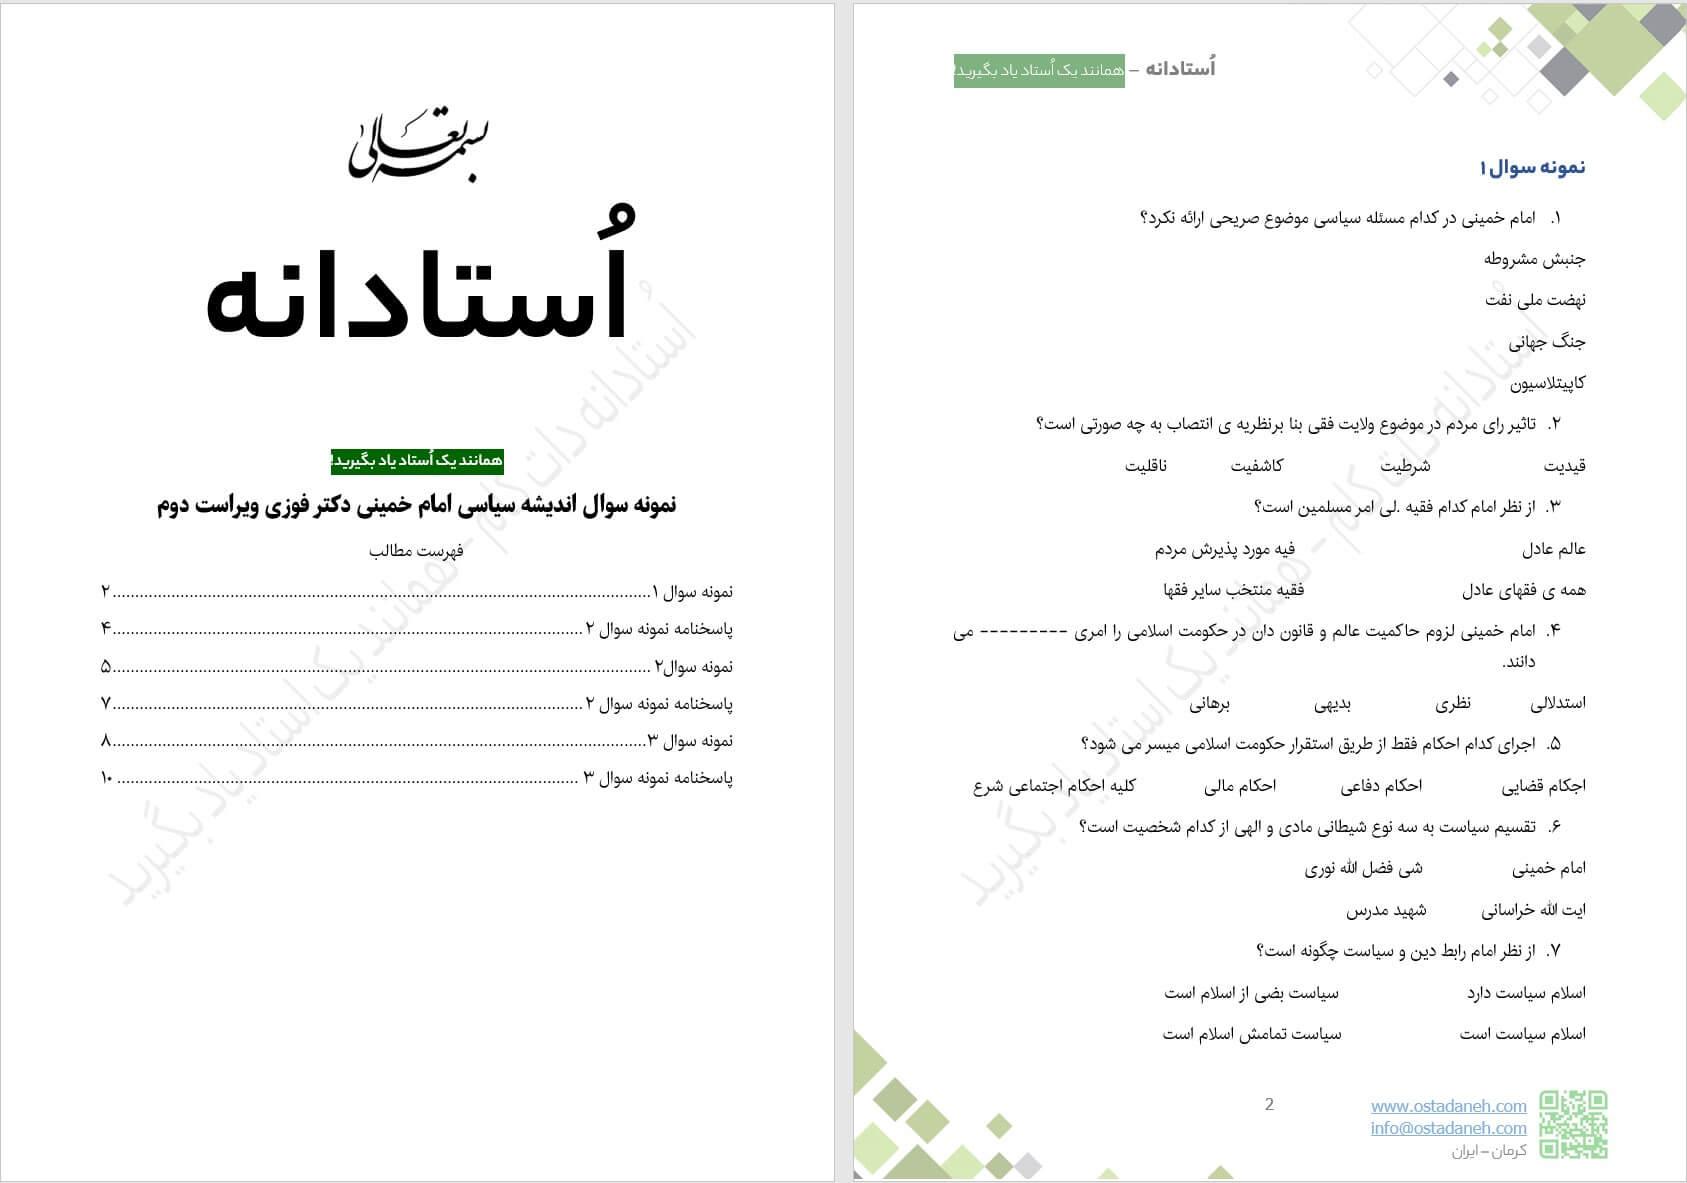 تصویر فایل دانلود نمونه سوالات اندیشه سیاسی امام خمینی دکتر فوزی ویراست دوم به همراه پاسخ